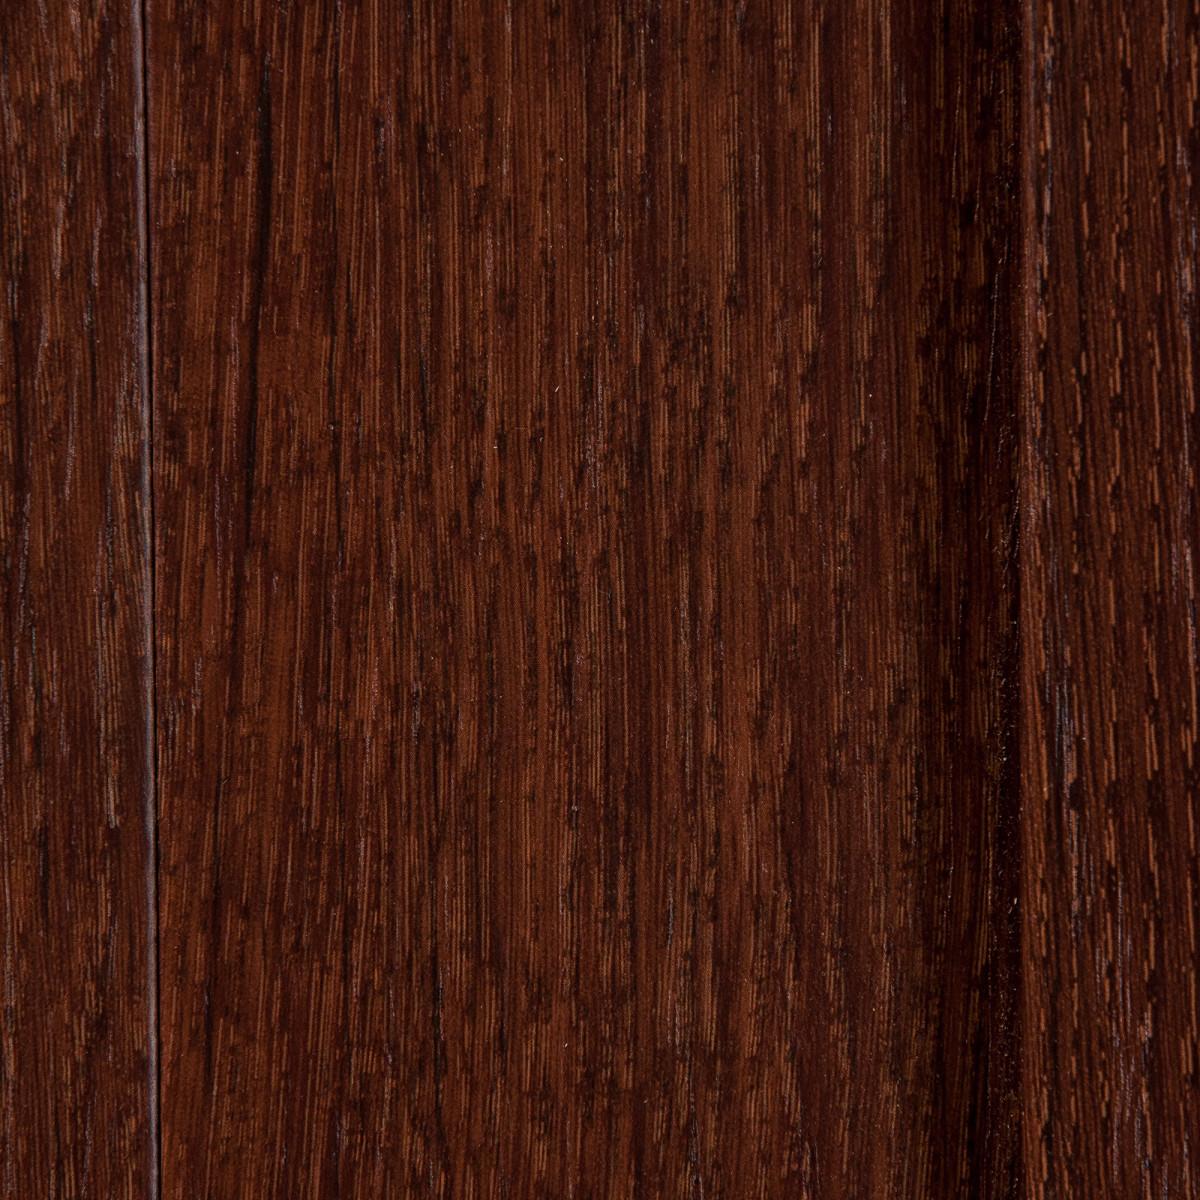 Дверь Межкомнатная Глухая Кантри 60x200 Пвх Цвет Дуб Сан-Томе С Фурнитурой